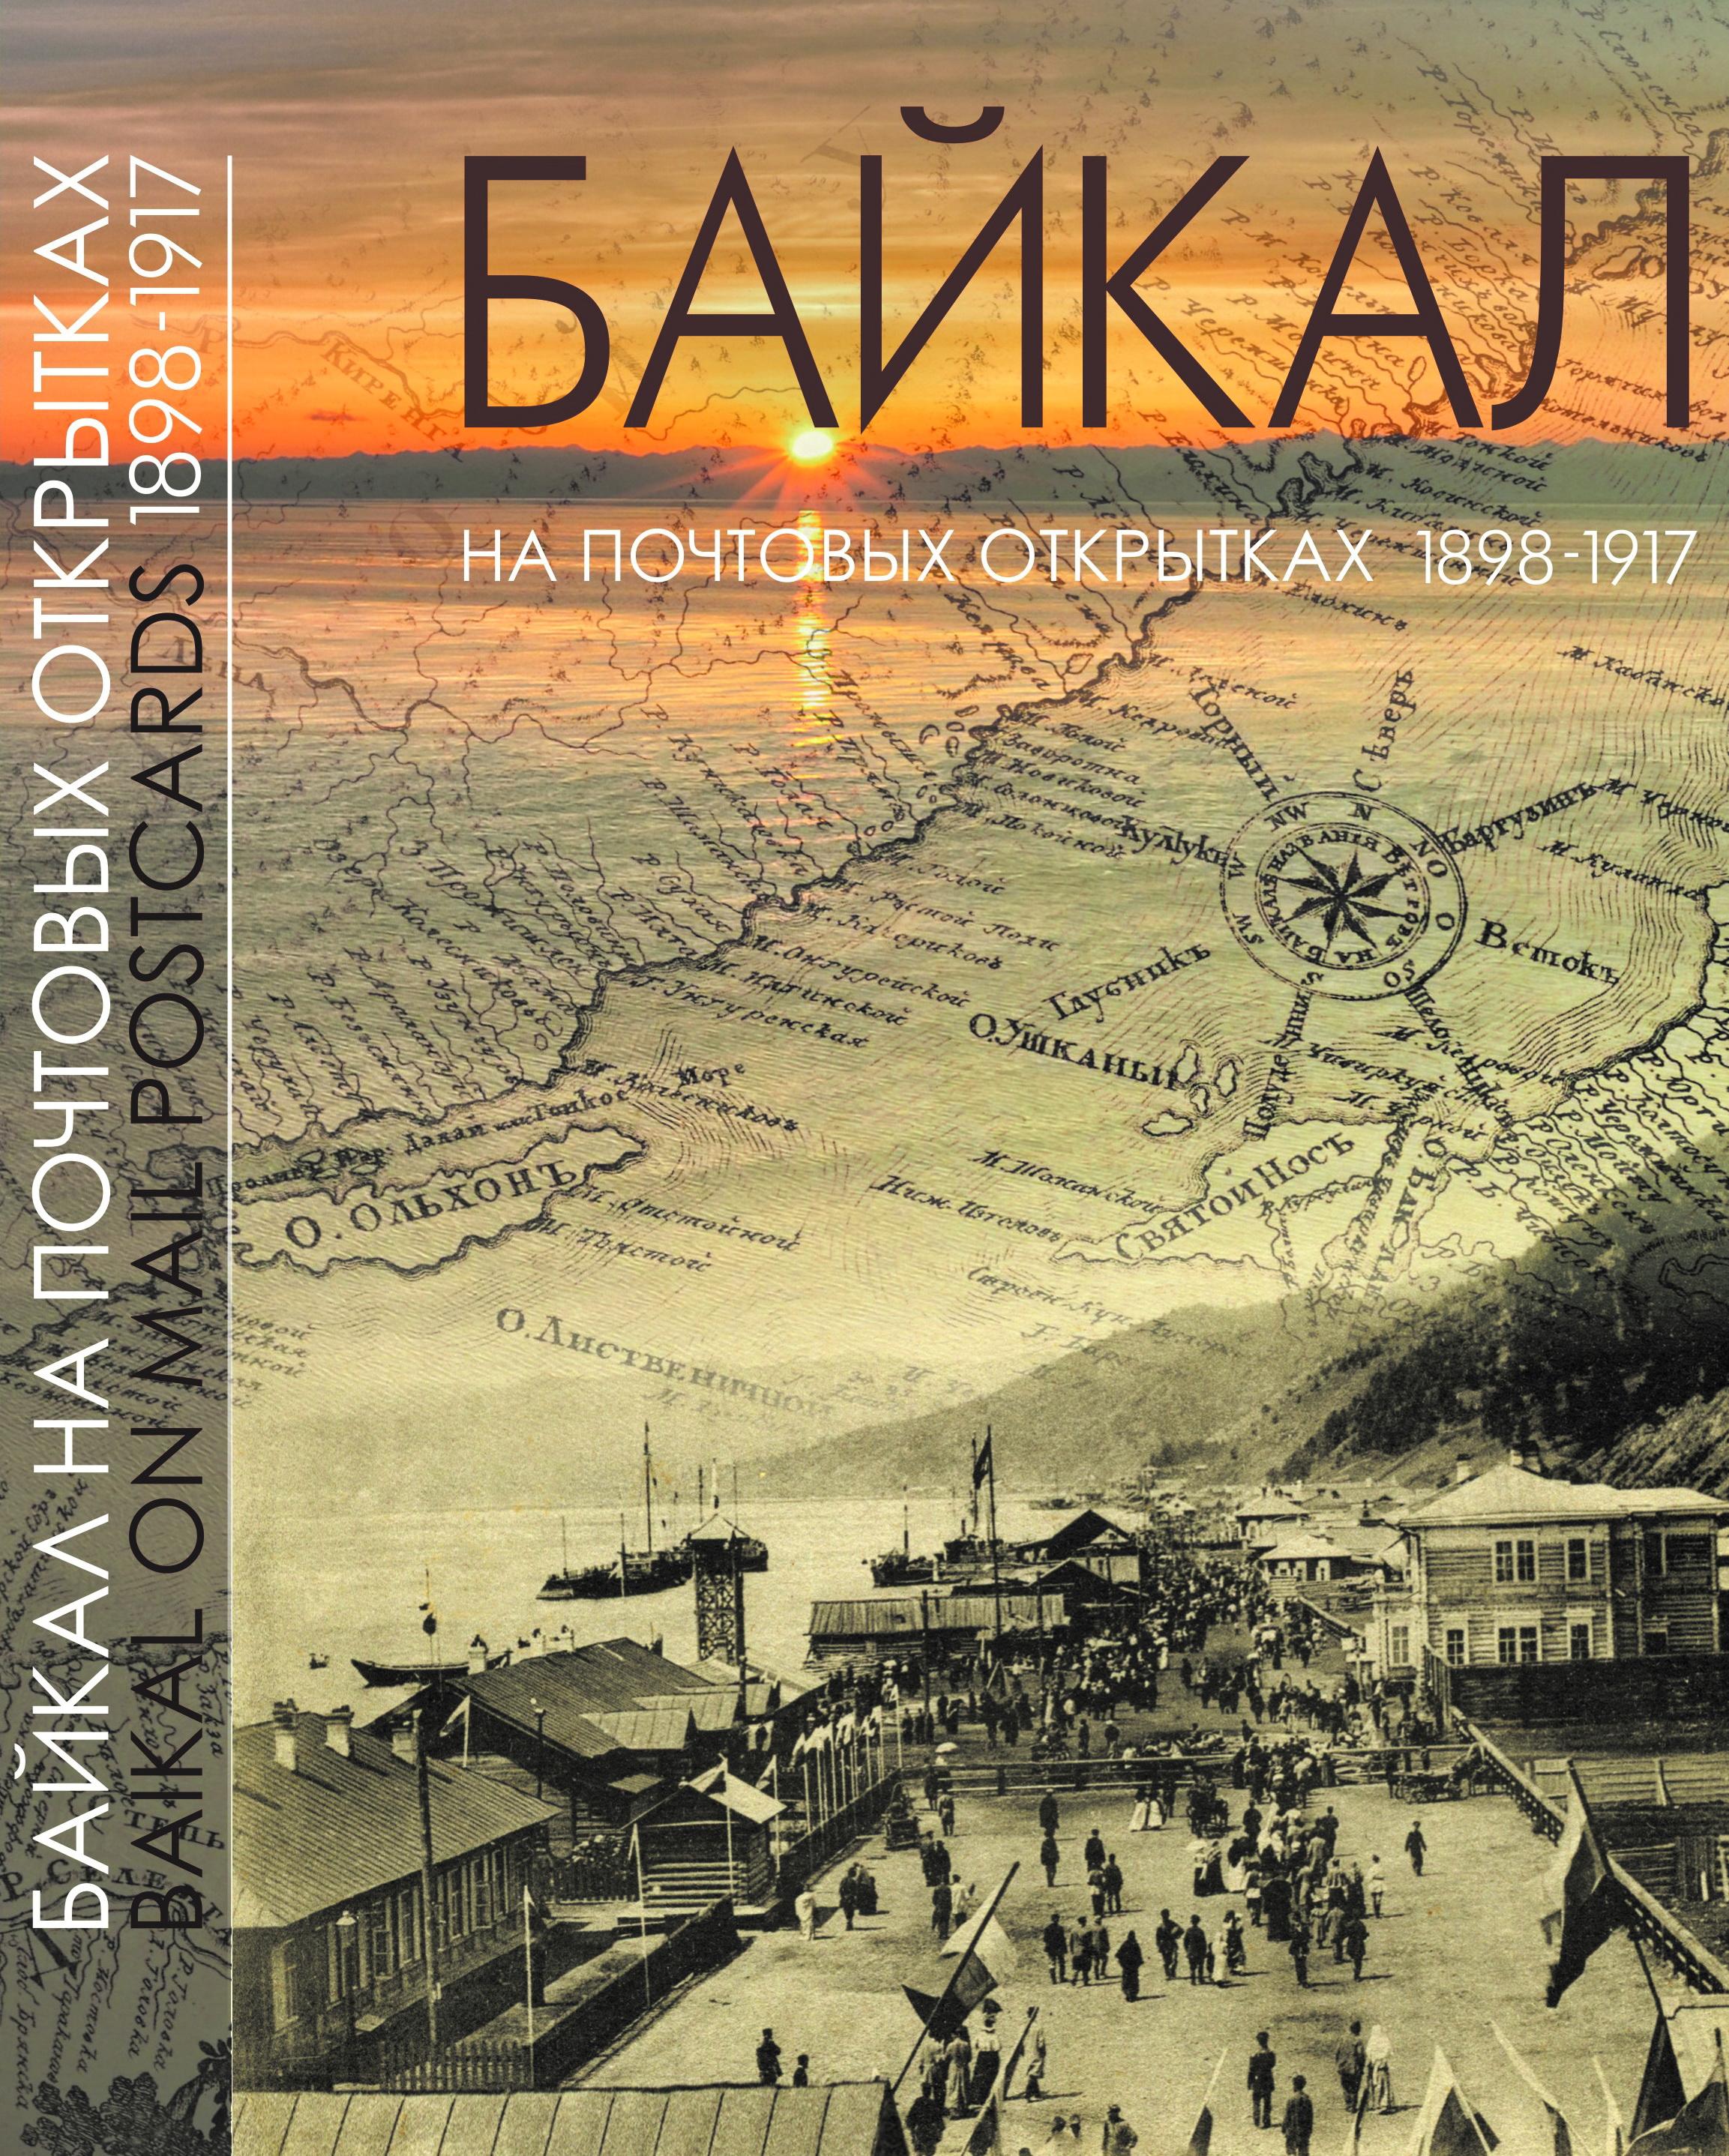 Байкал на почтовых открытках 1898-1917